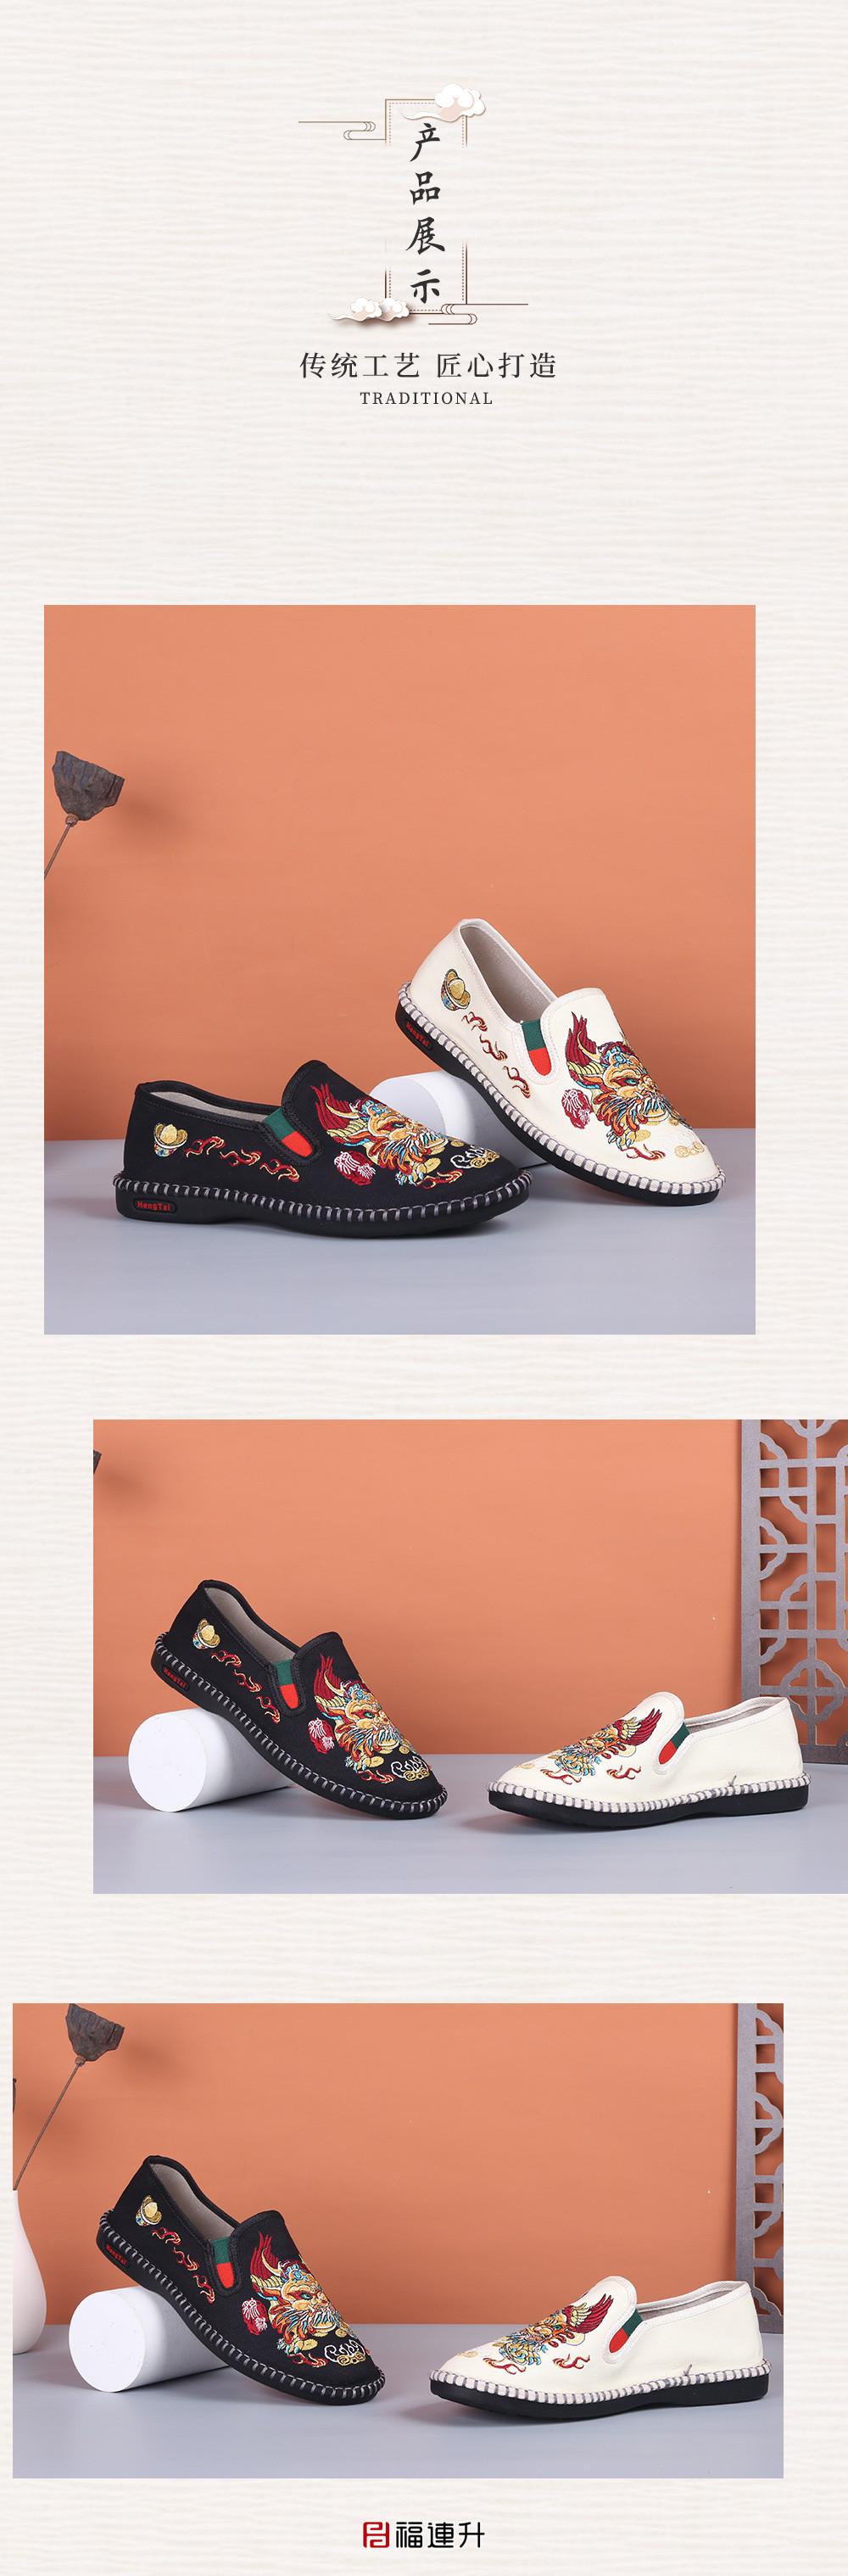 福连升老北京布鞋春男刺绣社会鞋子懒人一脚蹬潮流中国风图片